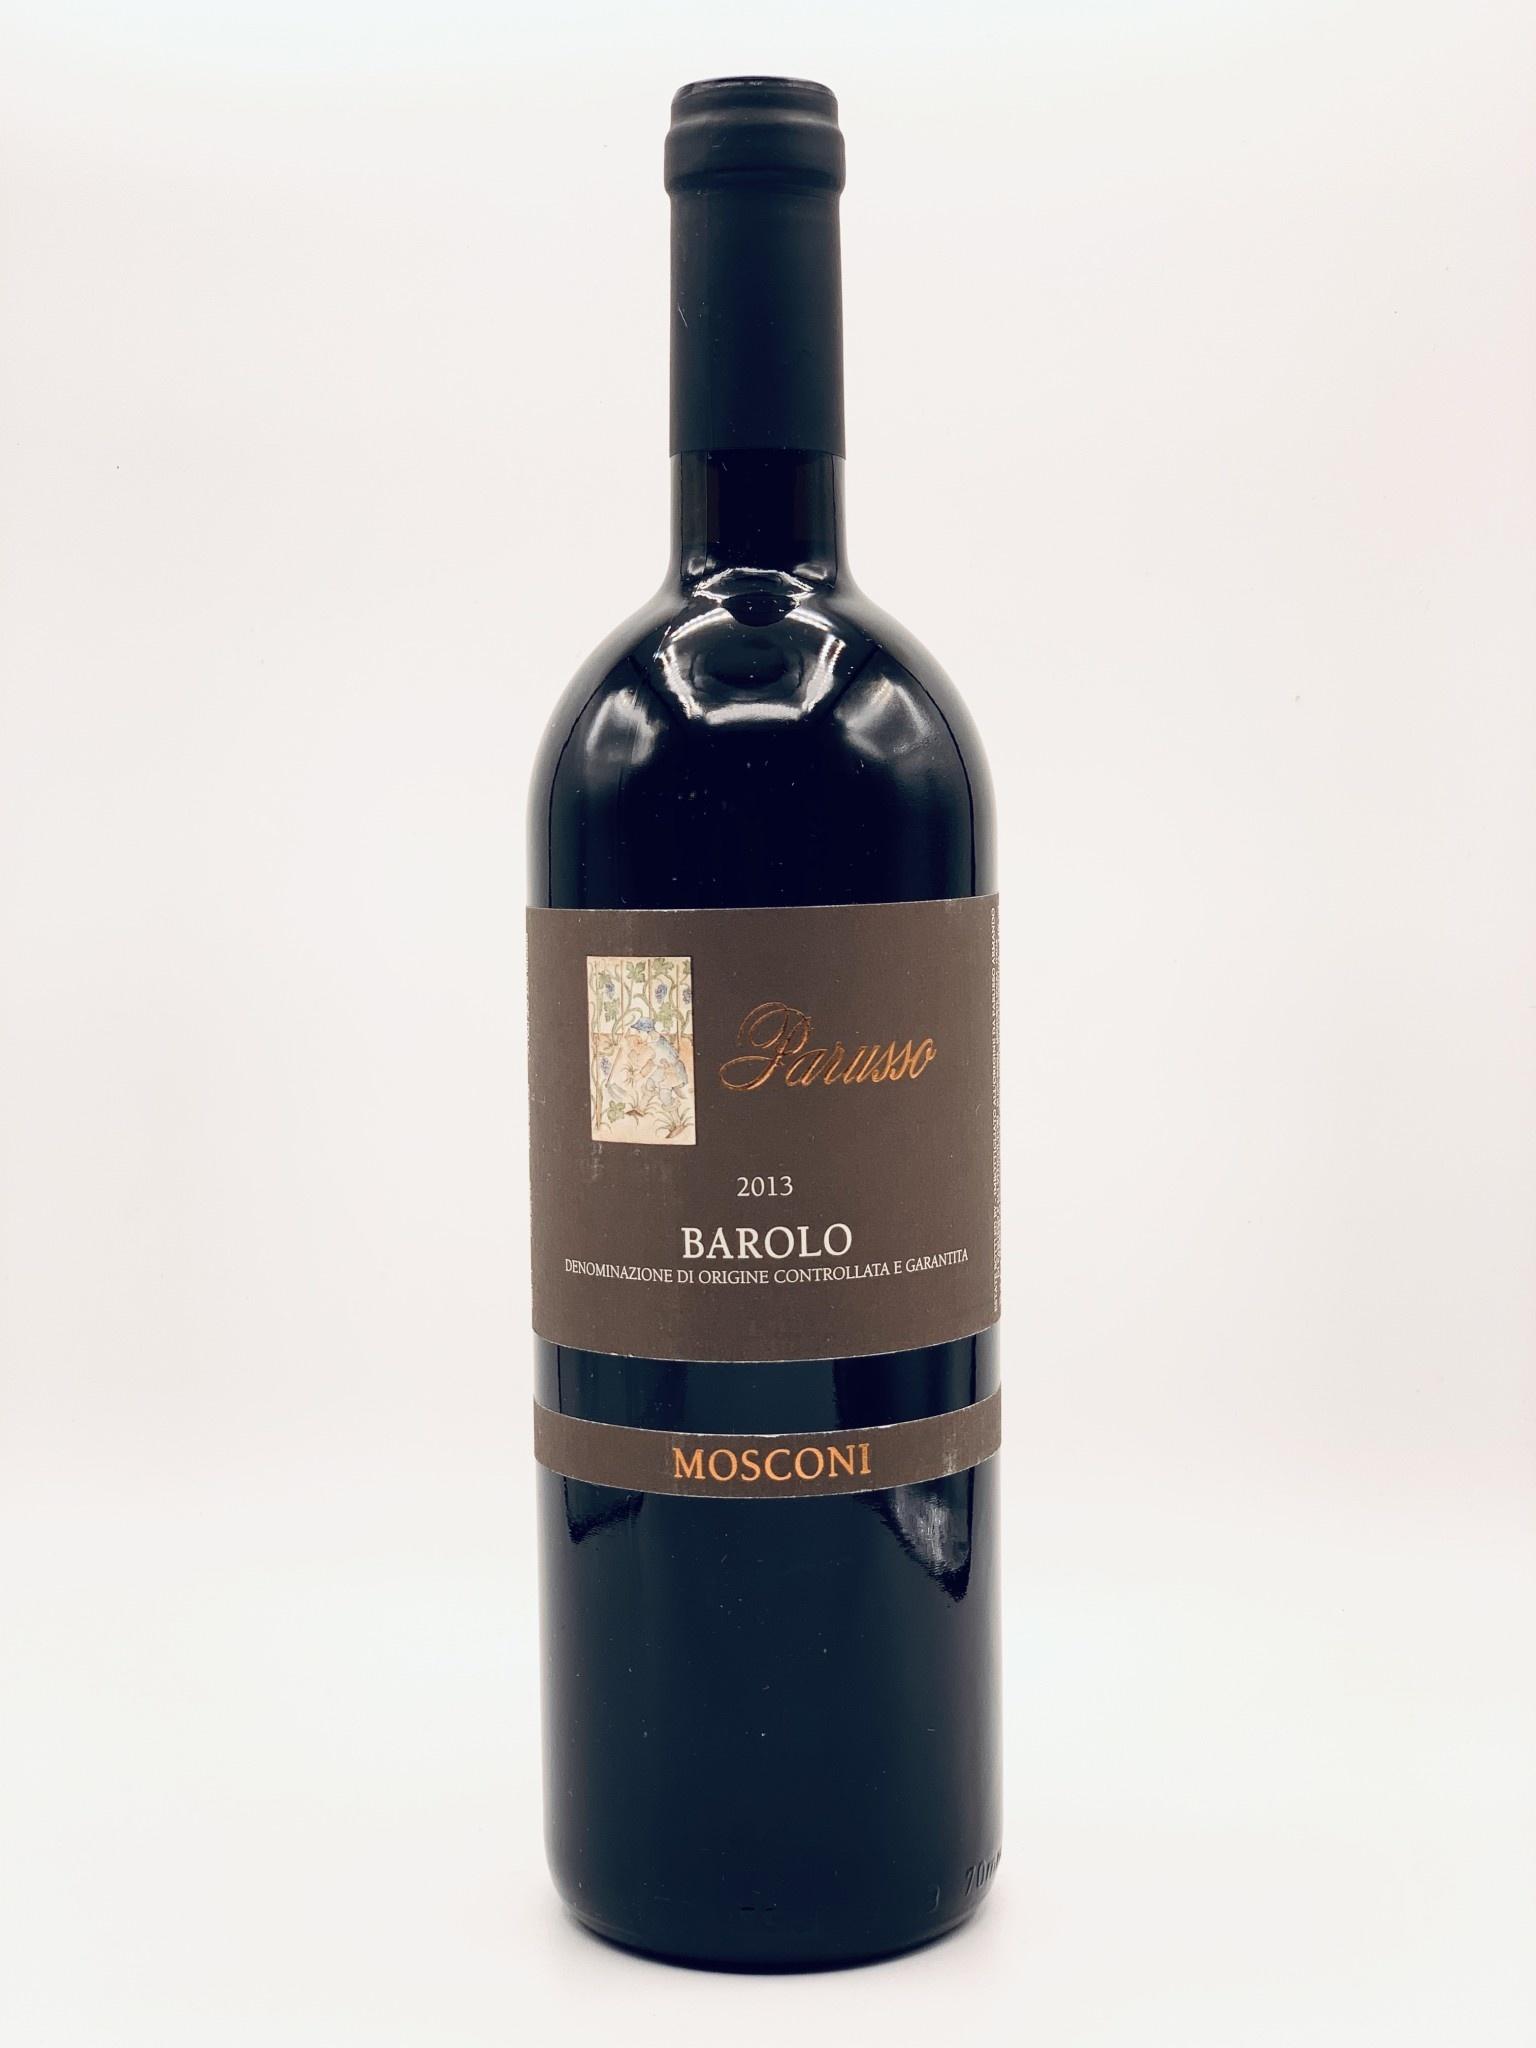 """Barolo """"Mosconi"""" 2013 Parusso DOCG  750ml"""